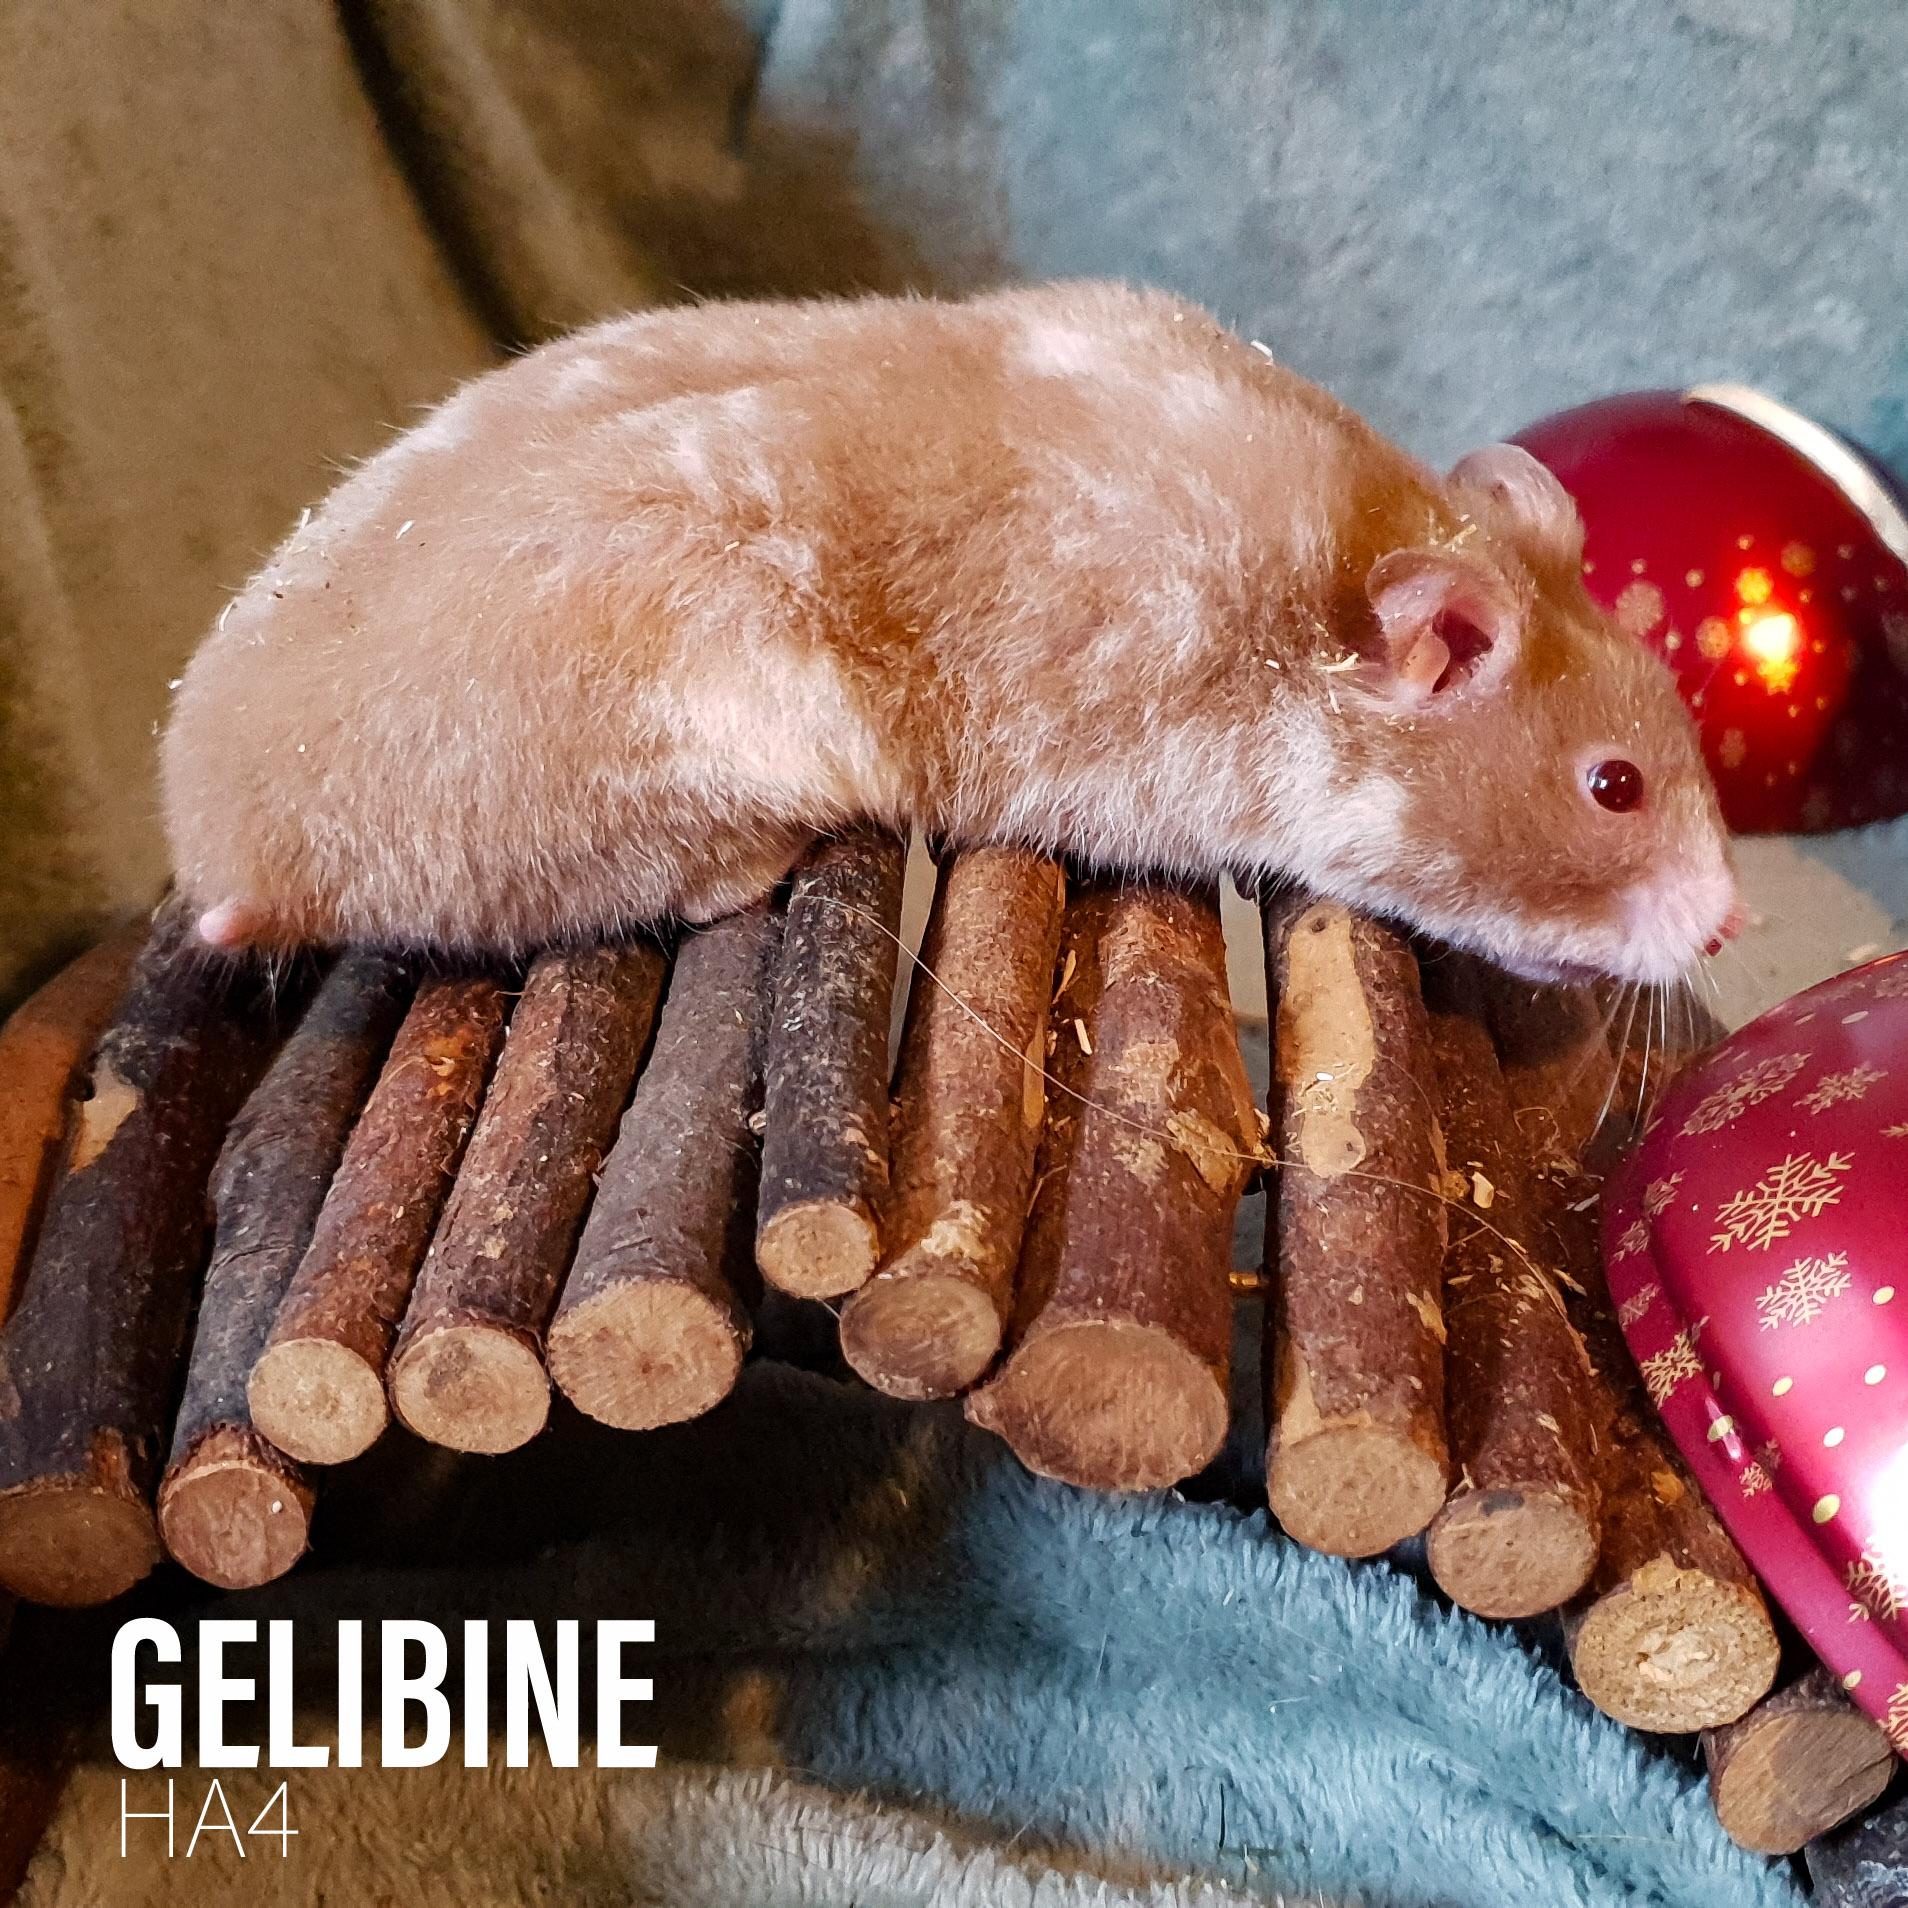 Gelibine